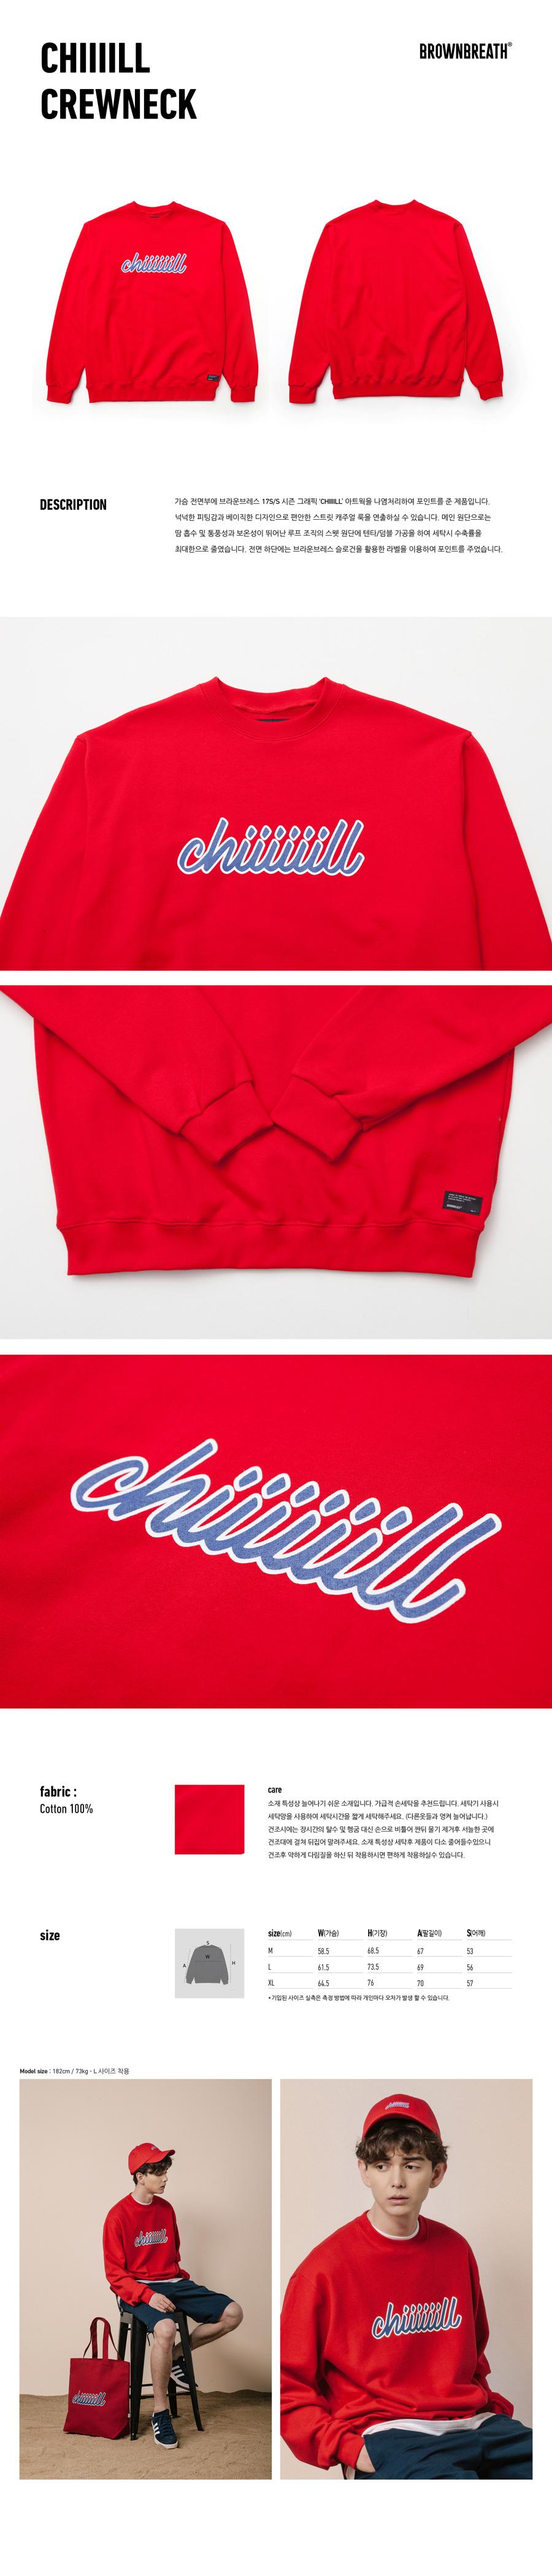 브라운브레스(BROWNBREATH) CHIIIILL CREWNECK - RED